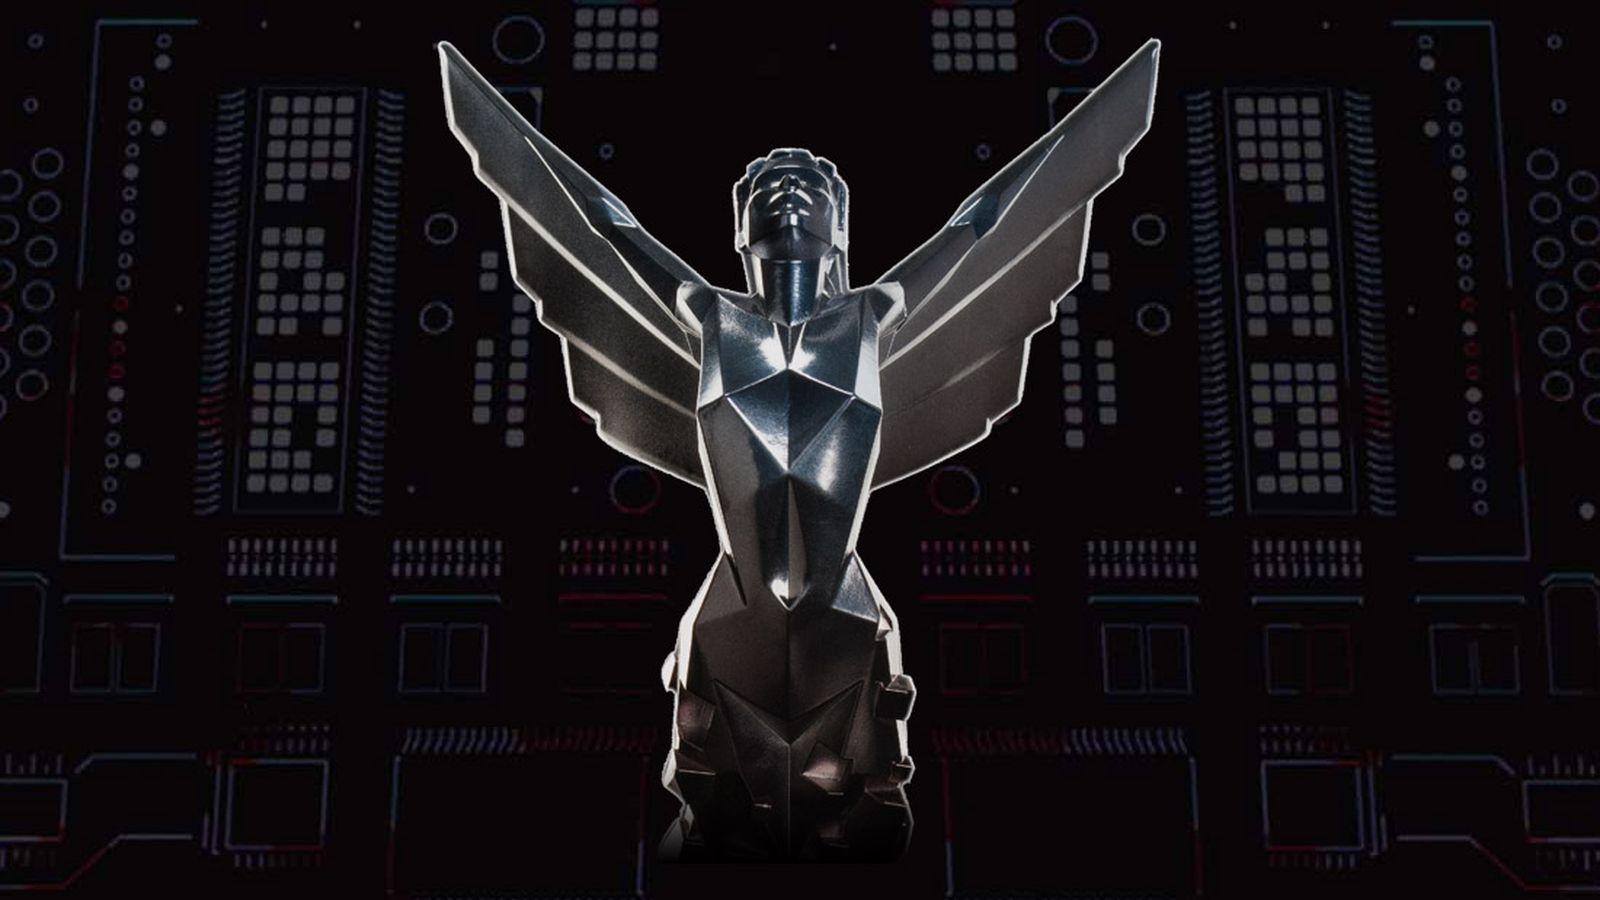 Bei der letztjährigen Verleihung der Game Awards wurden zum ersten Mal VR-Spiele ausgezeichnet. Nun sind wieder fünf Titel nominiert.